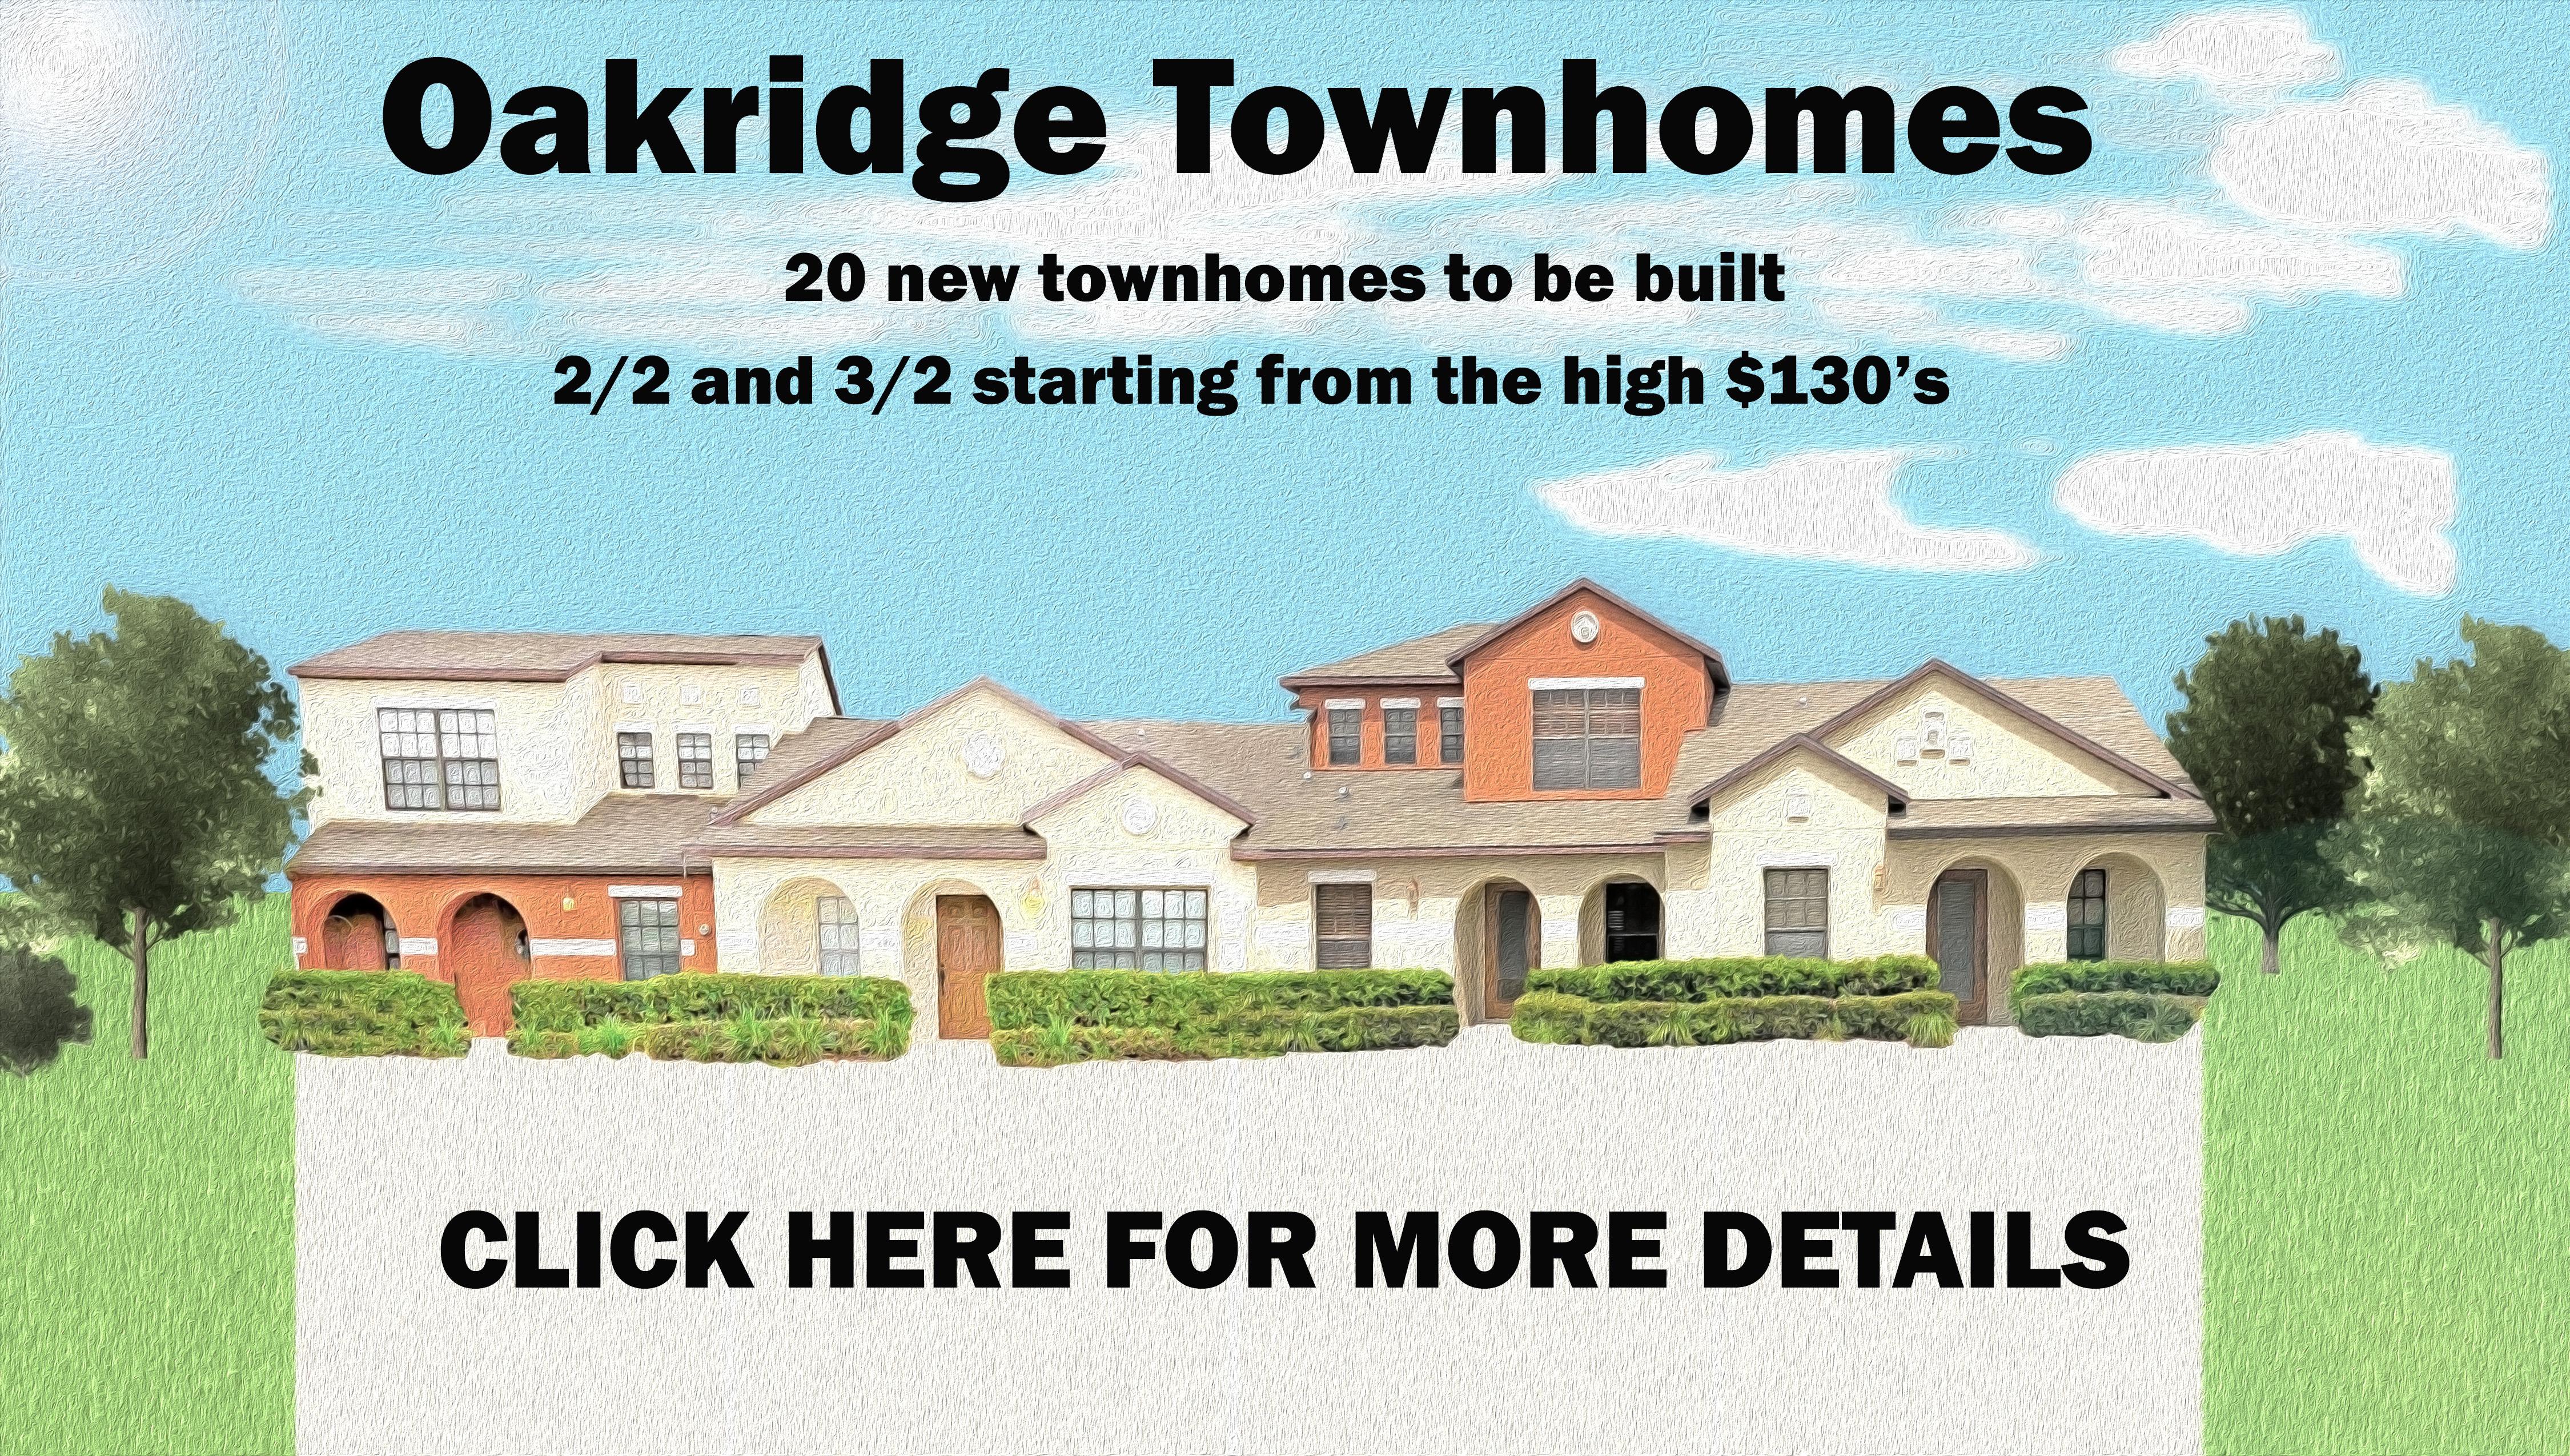 Oakridge link